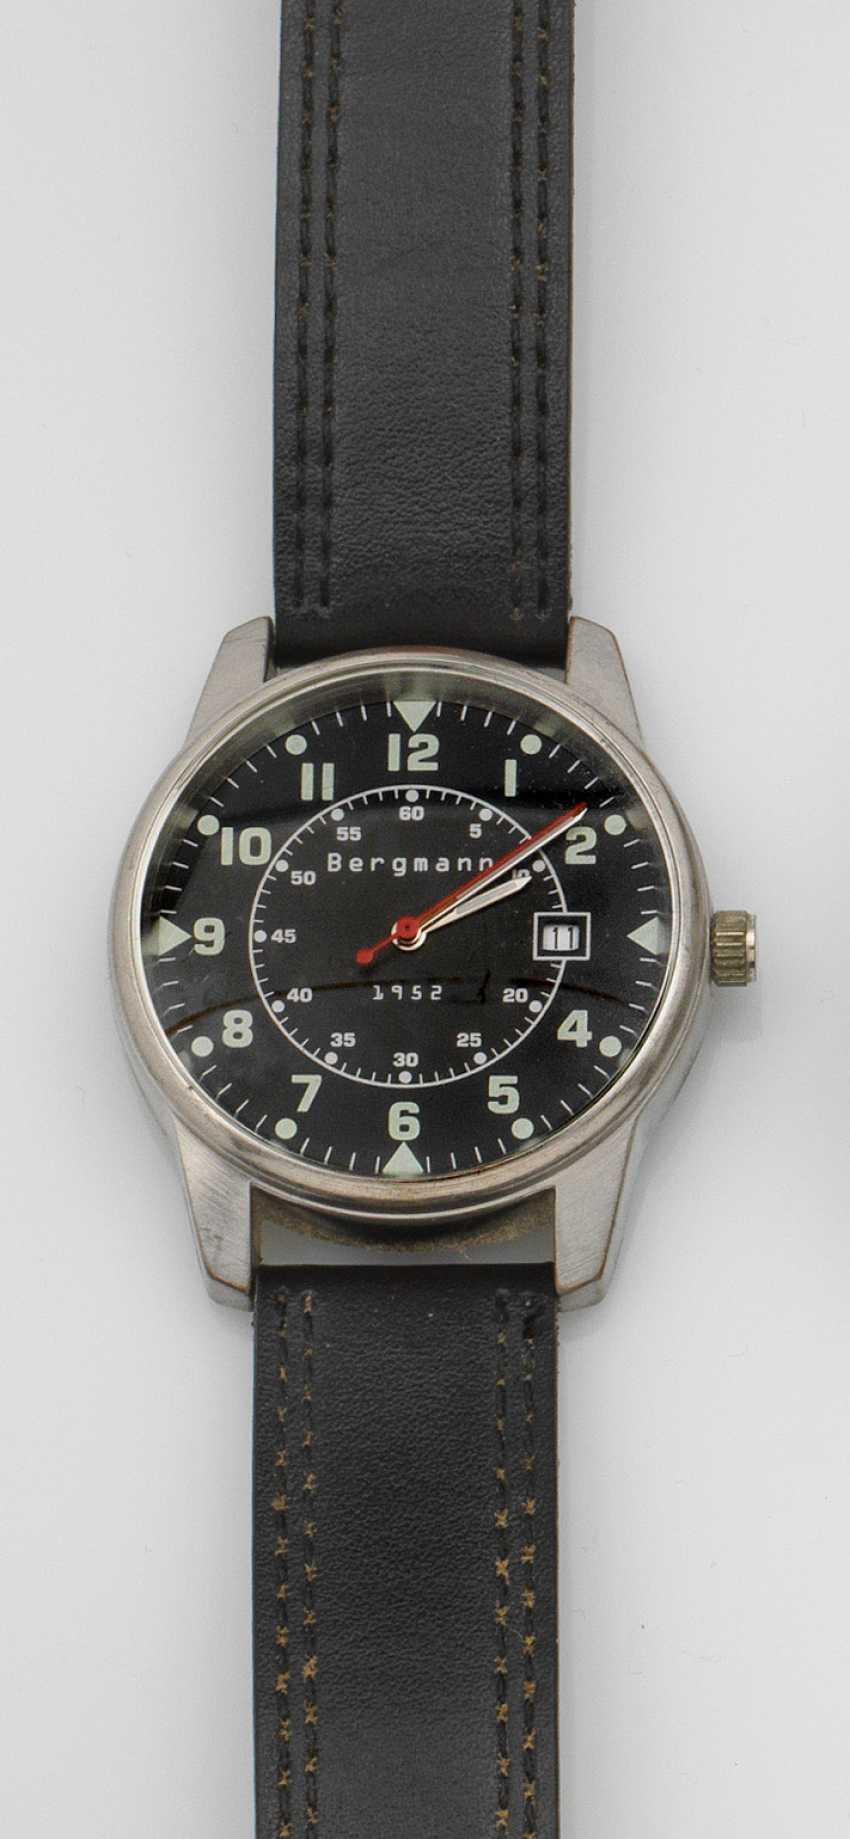 Pilots wrist watch from Bergmann - photo 1